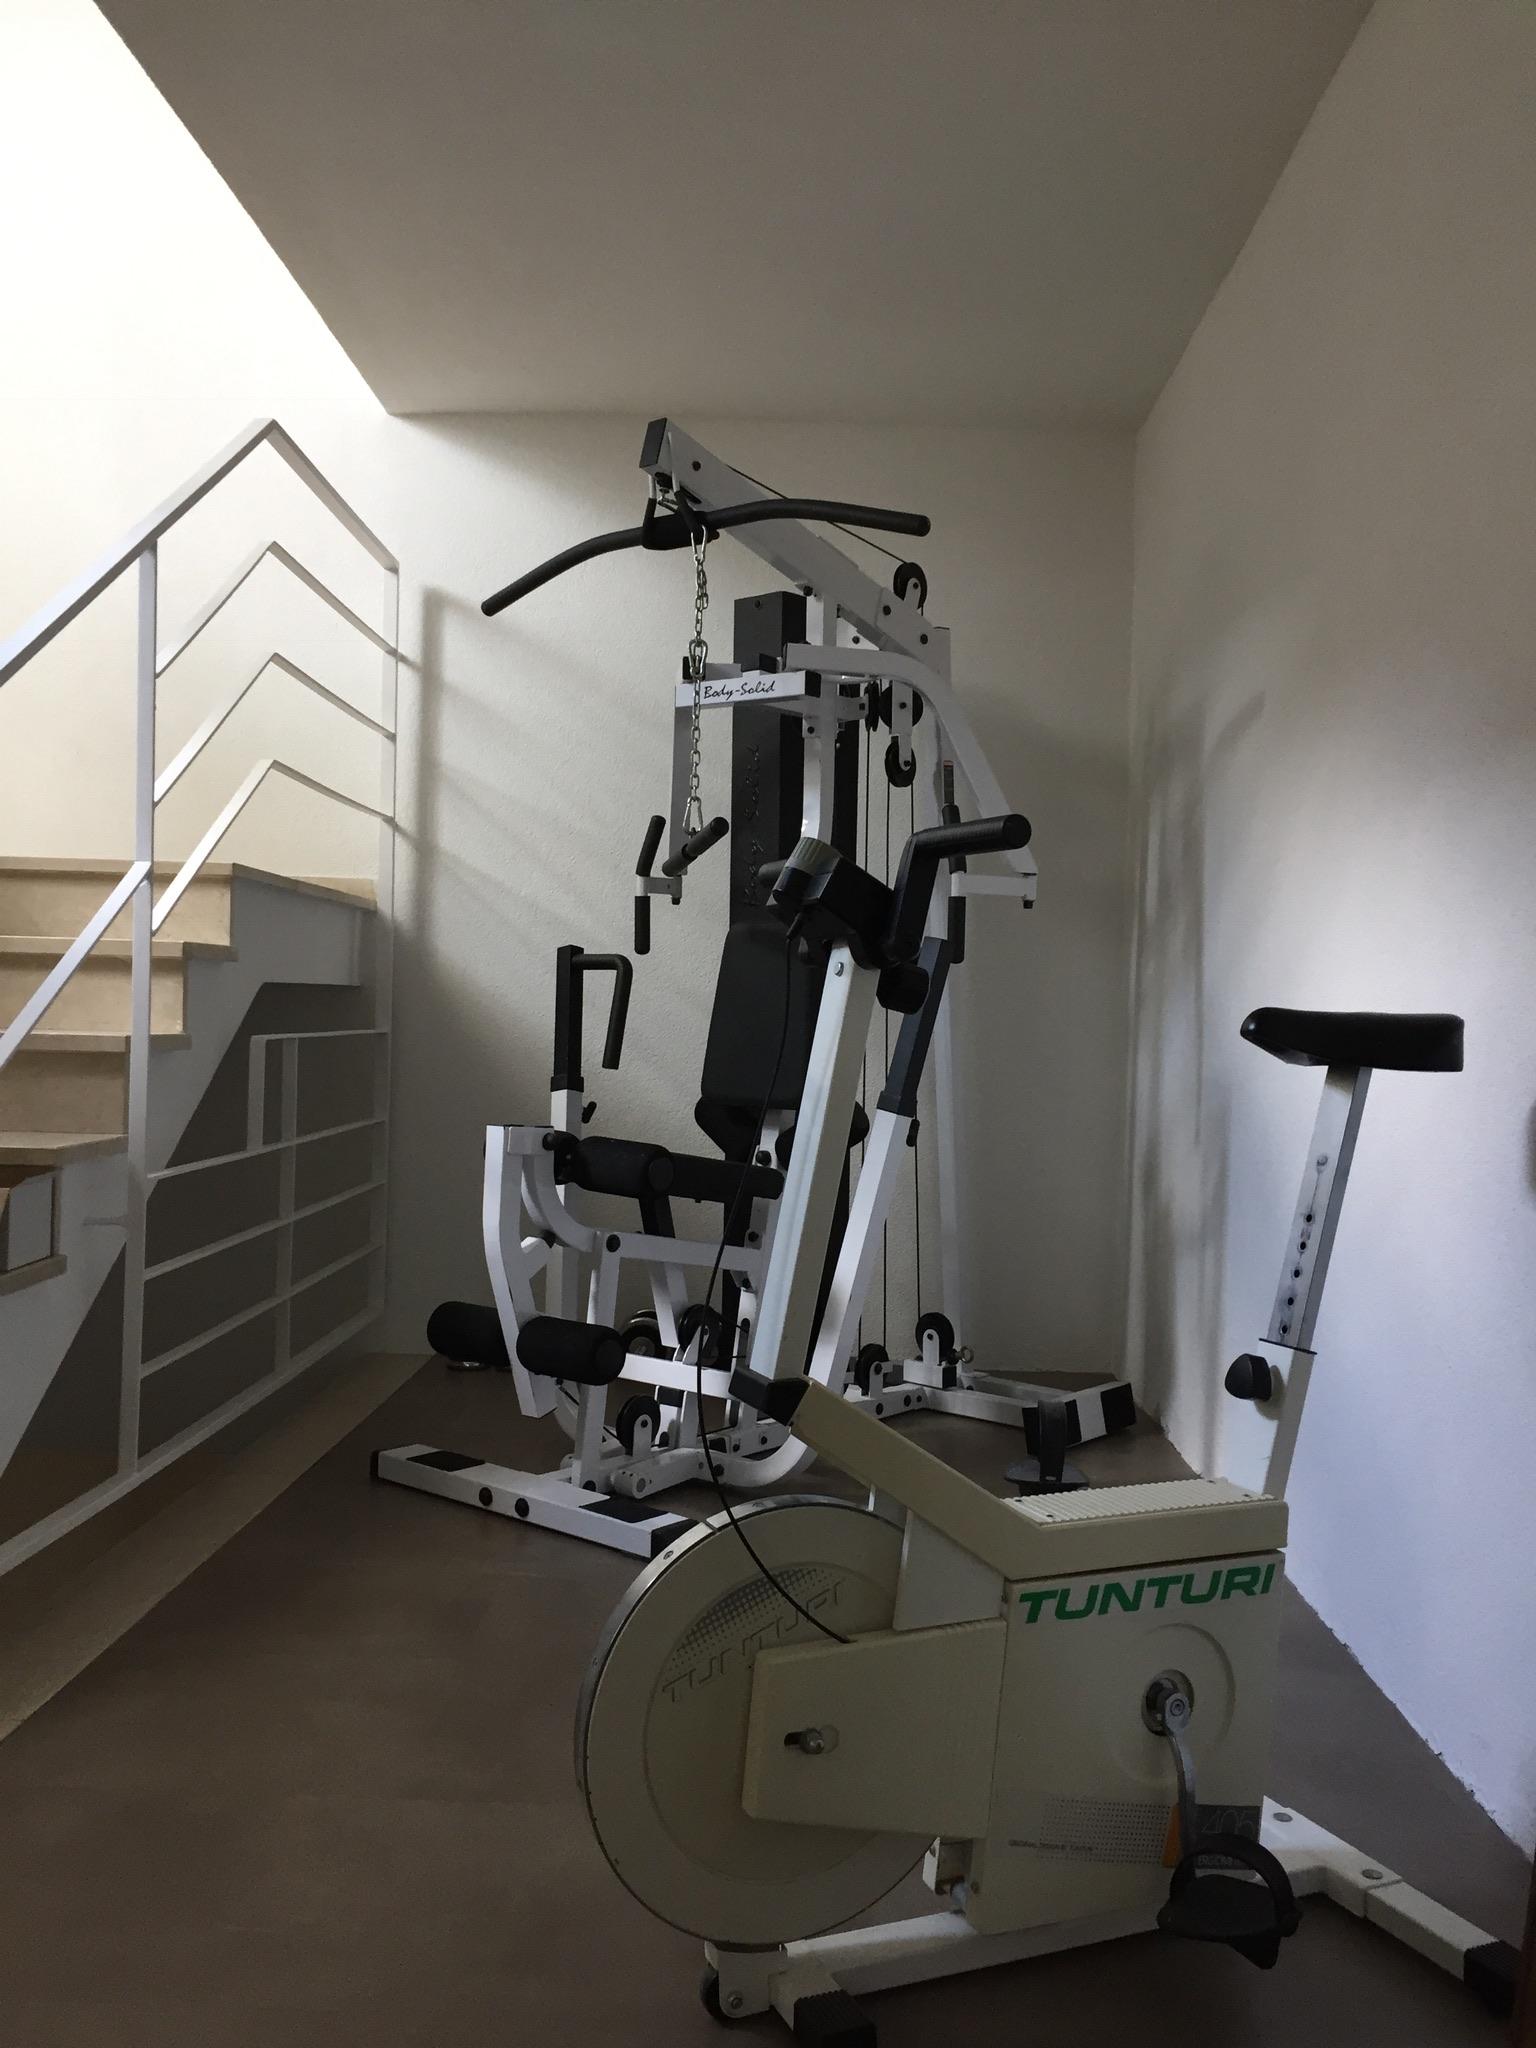 Die Fitnessgeräte im Haus stehen zur allgemeinen Verfügung